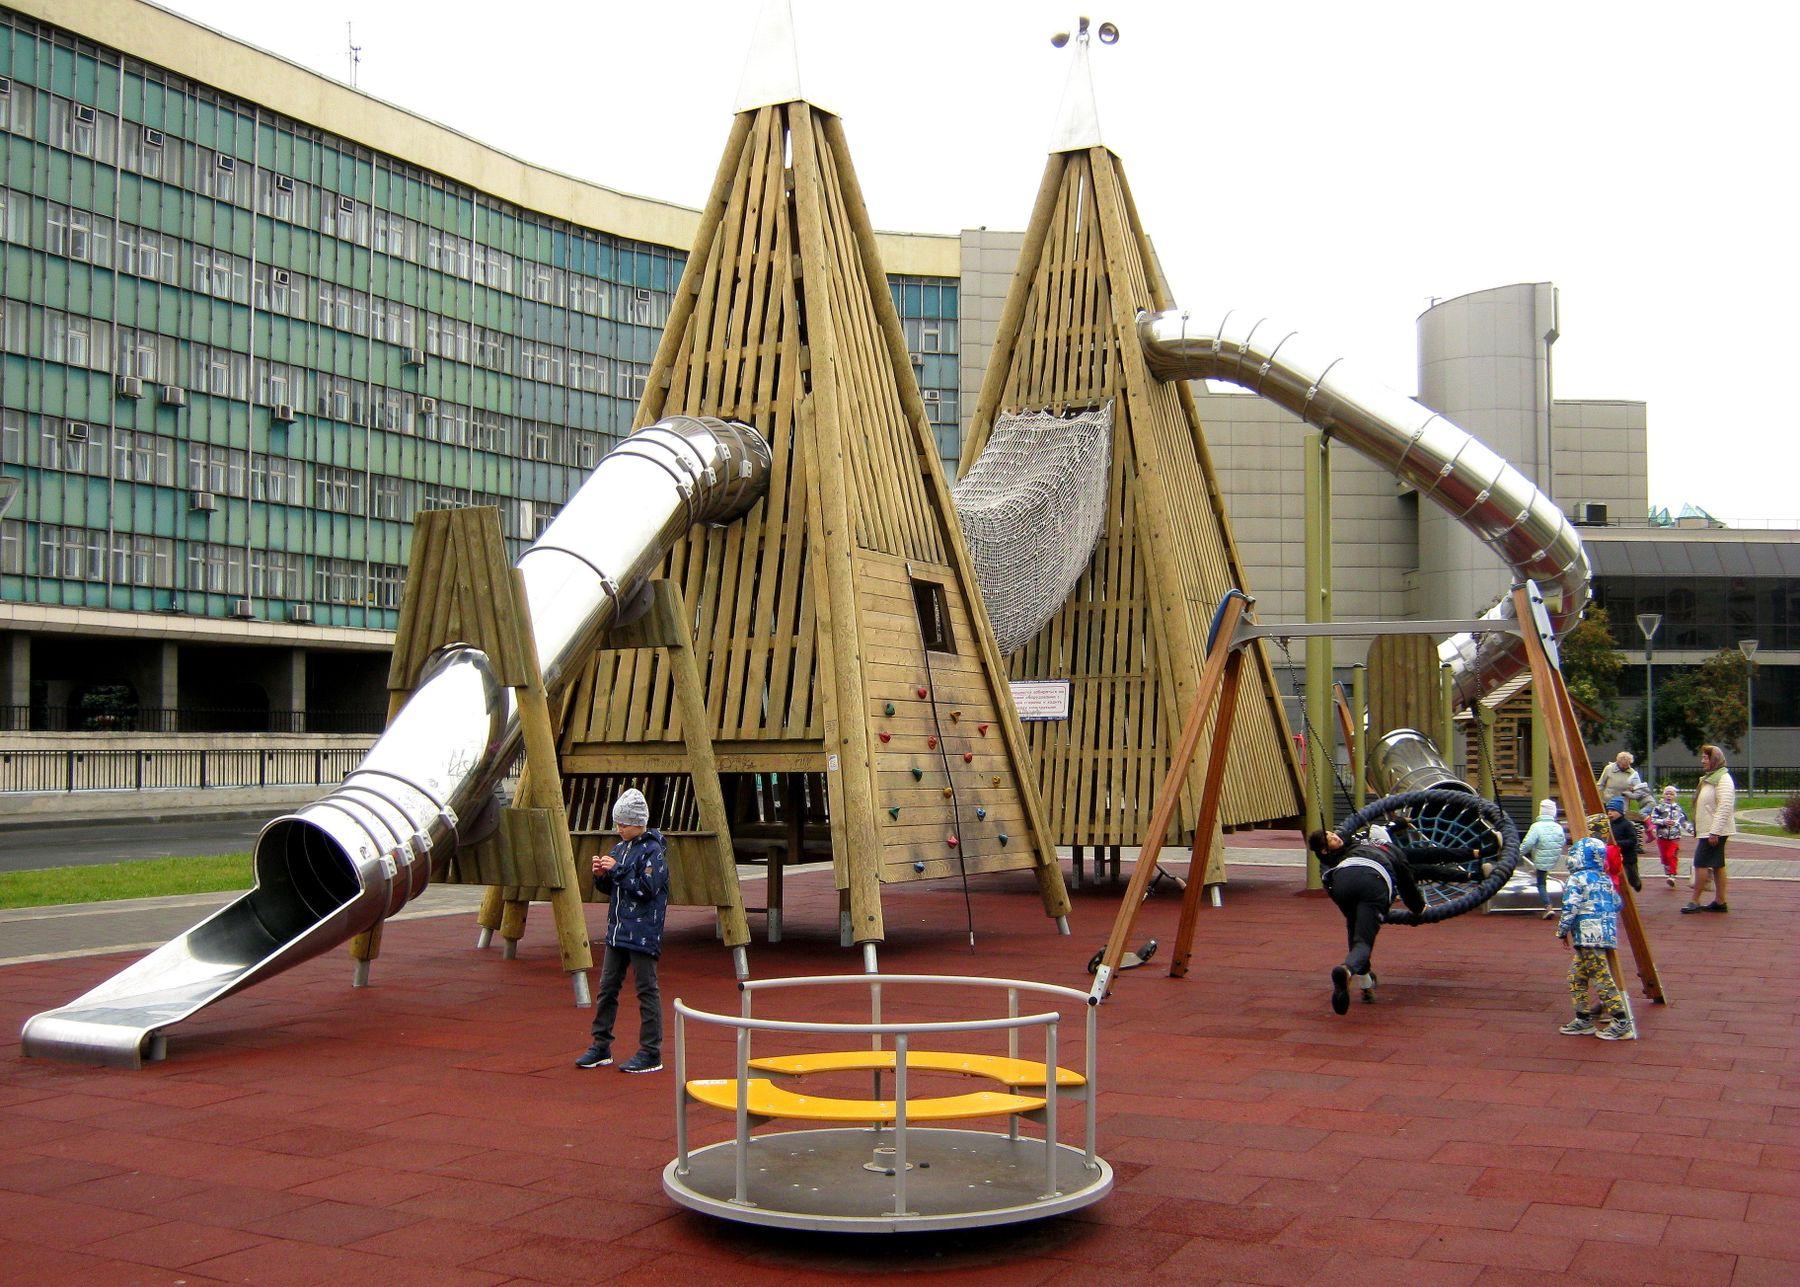 Детская площадка. Жанр детский мир архитектура путешествия